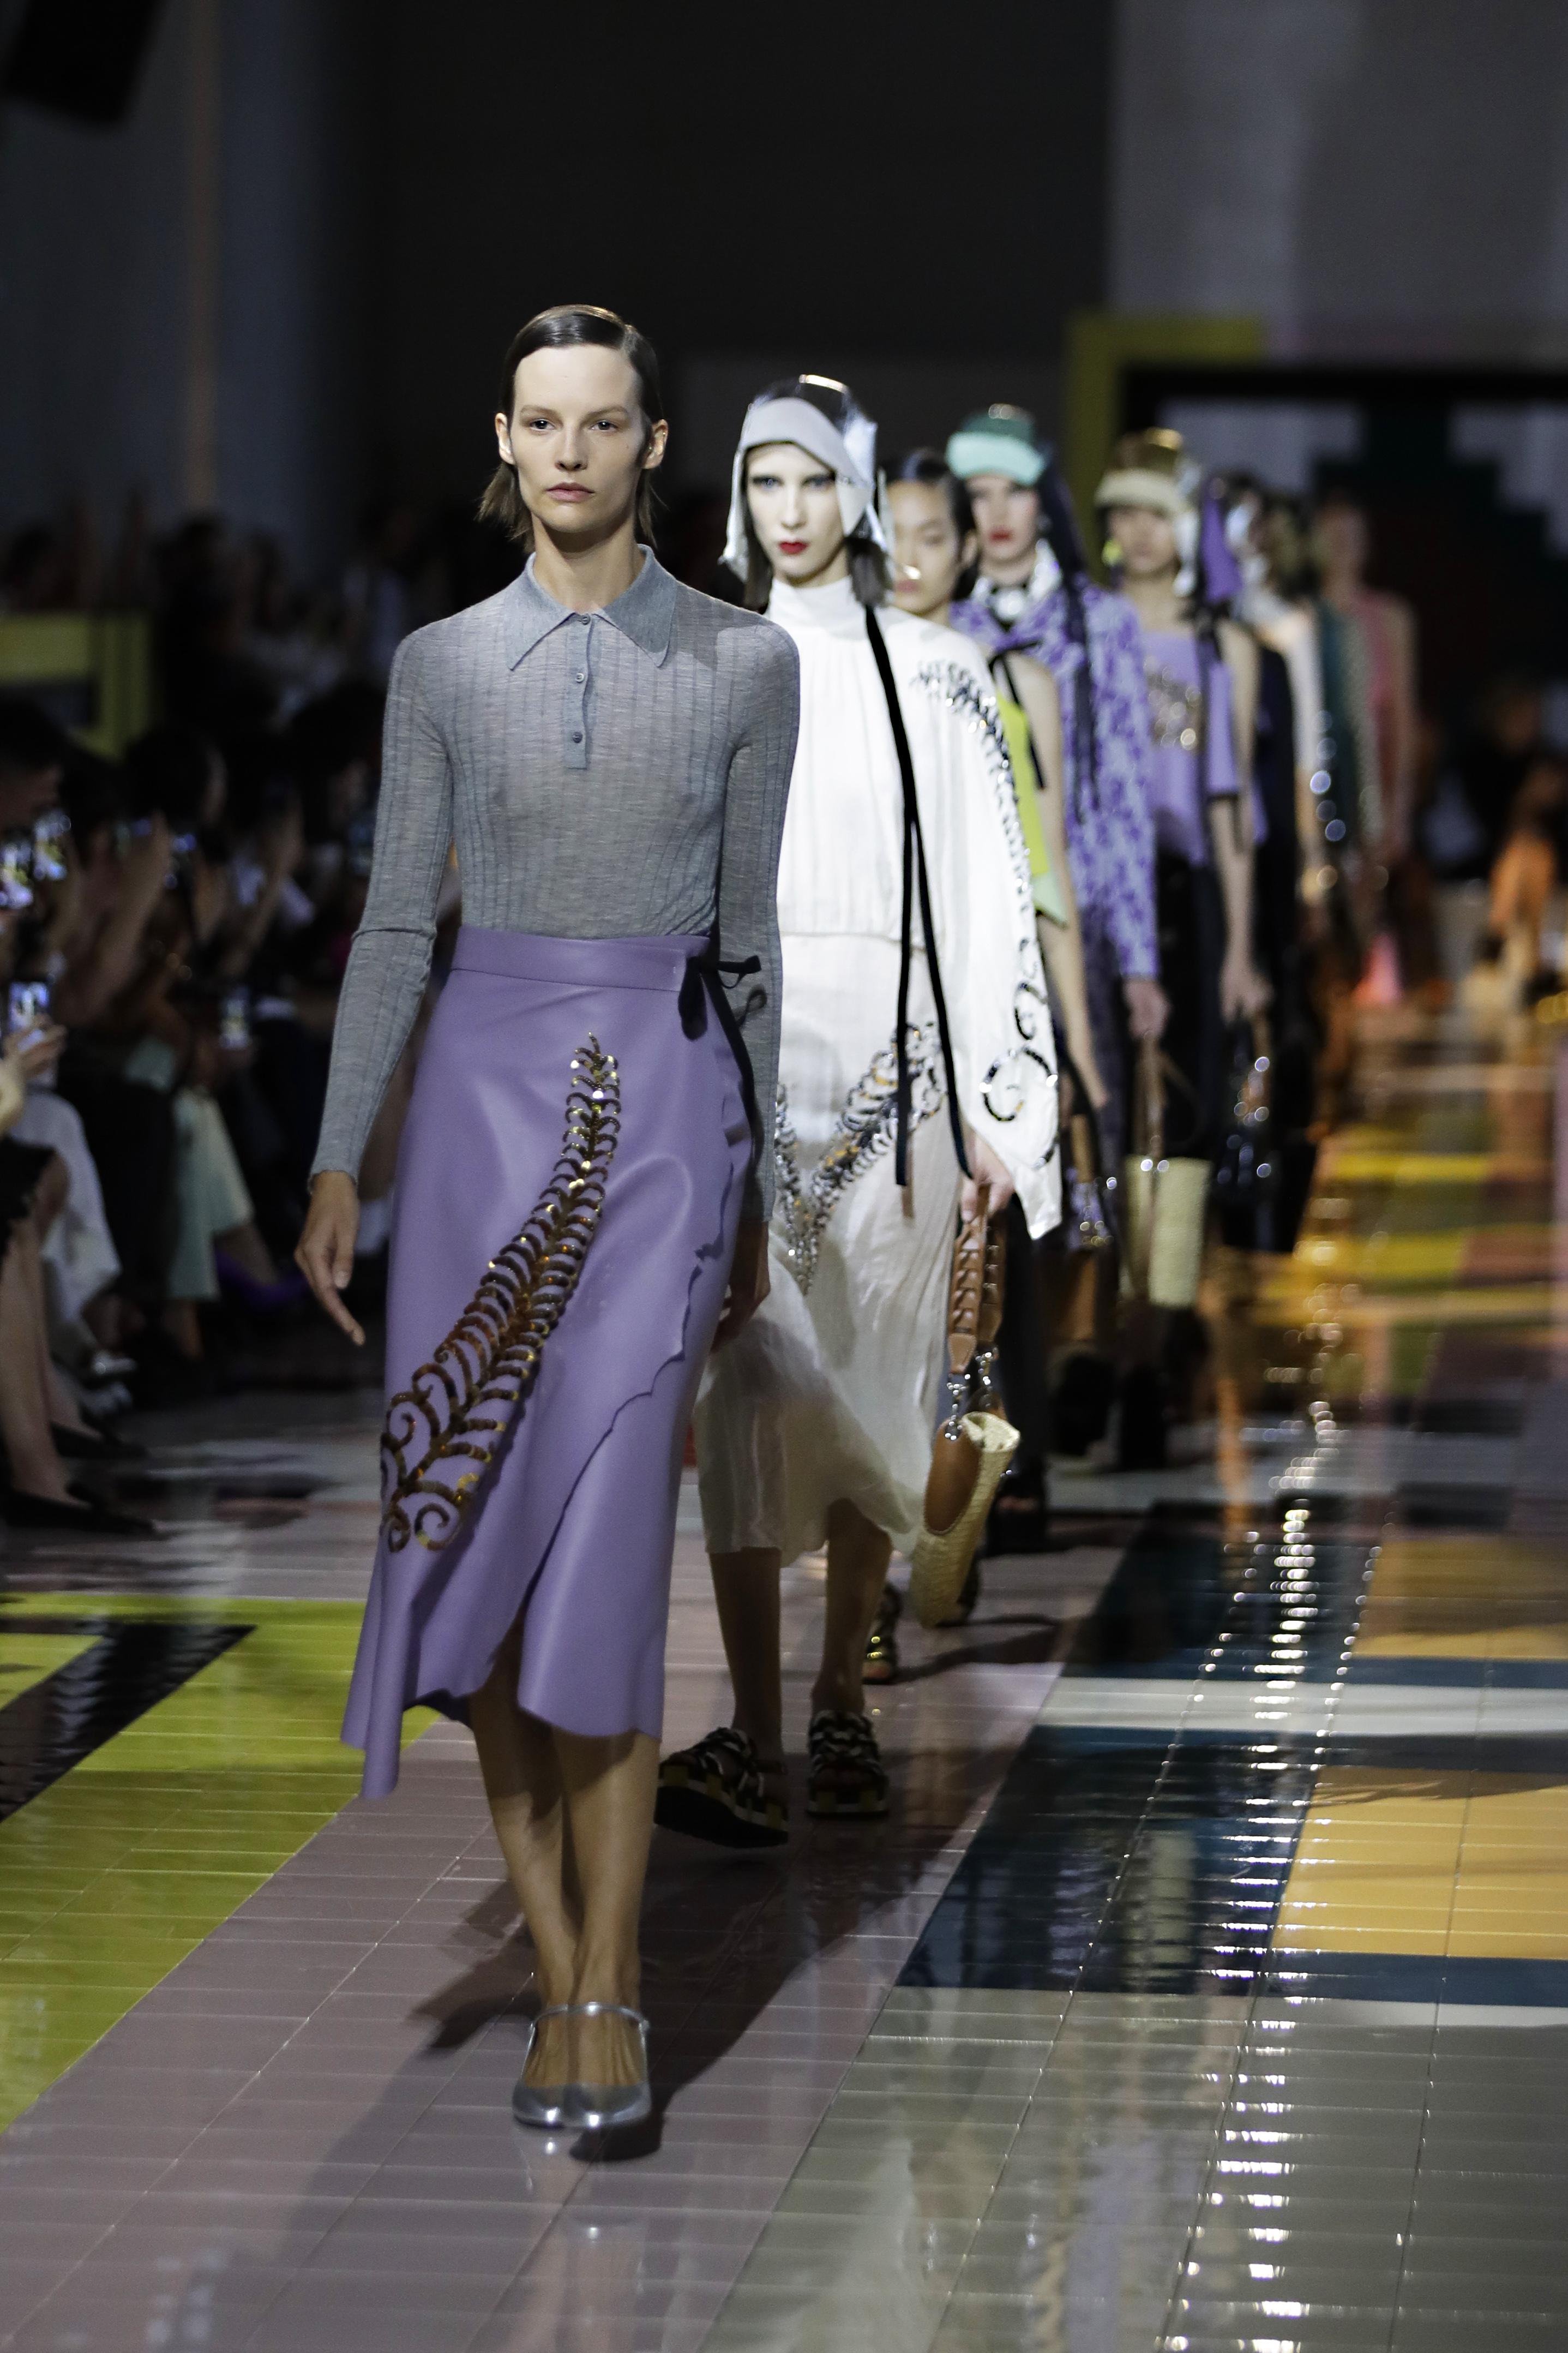 La diseñadora italiana apostó por una colección para la próxima temporada primavera-verano basada en tonos sobrios como el azul marino, el verde esmeralda, el blanco crudo o el beige, aunque también introdujo fuertes toques de color en prendas amarillo y naranja flúor. (AP)